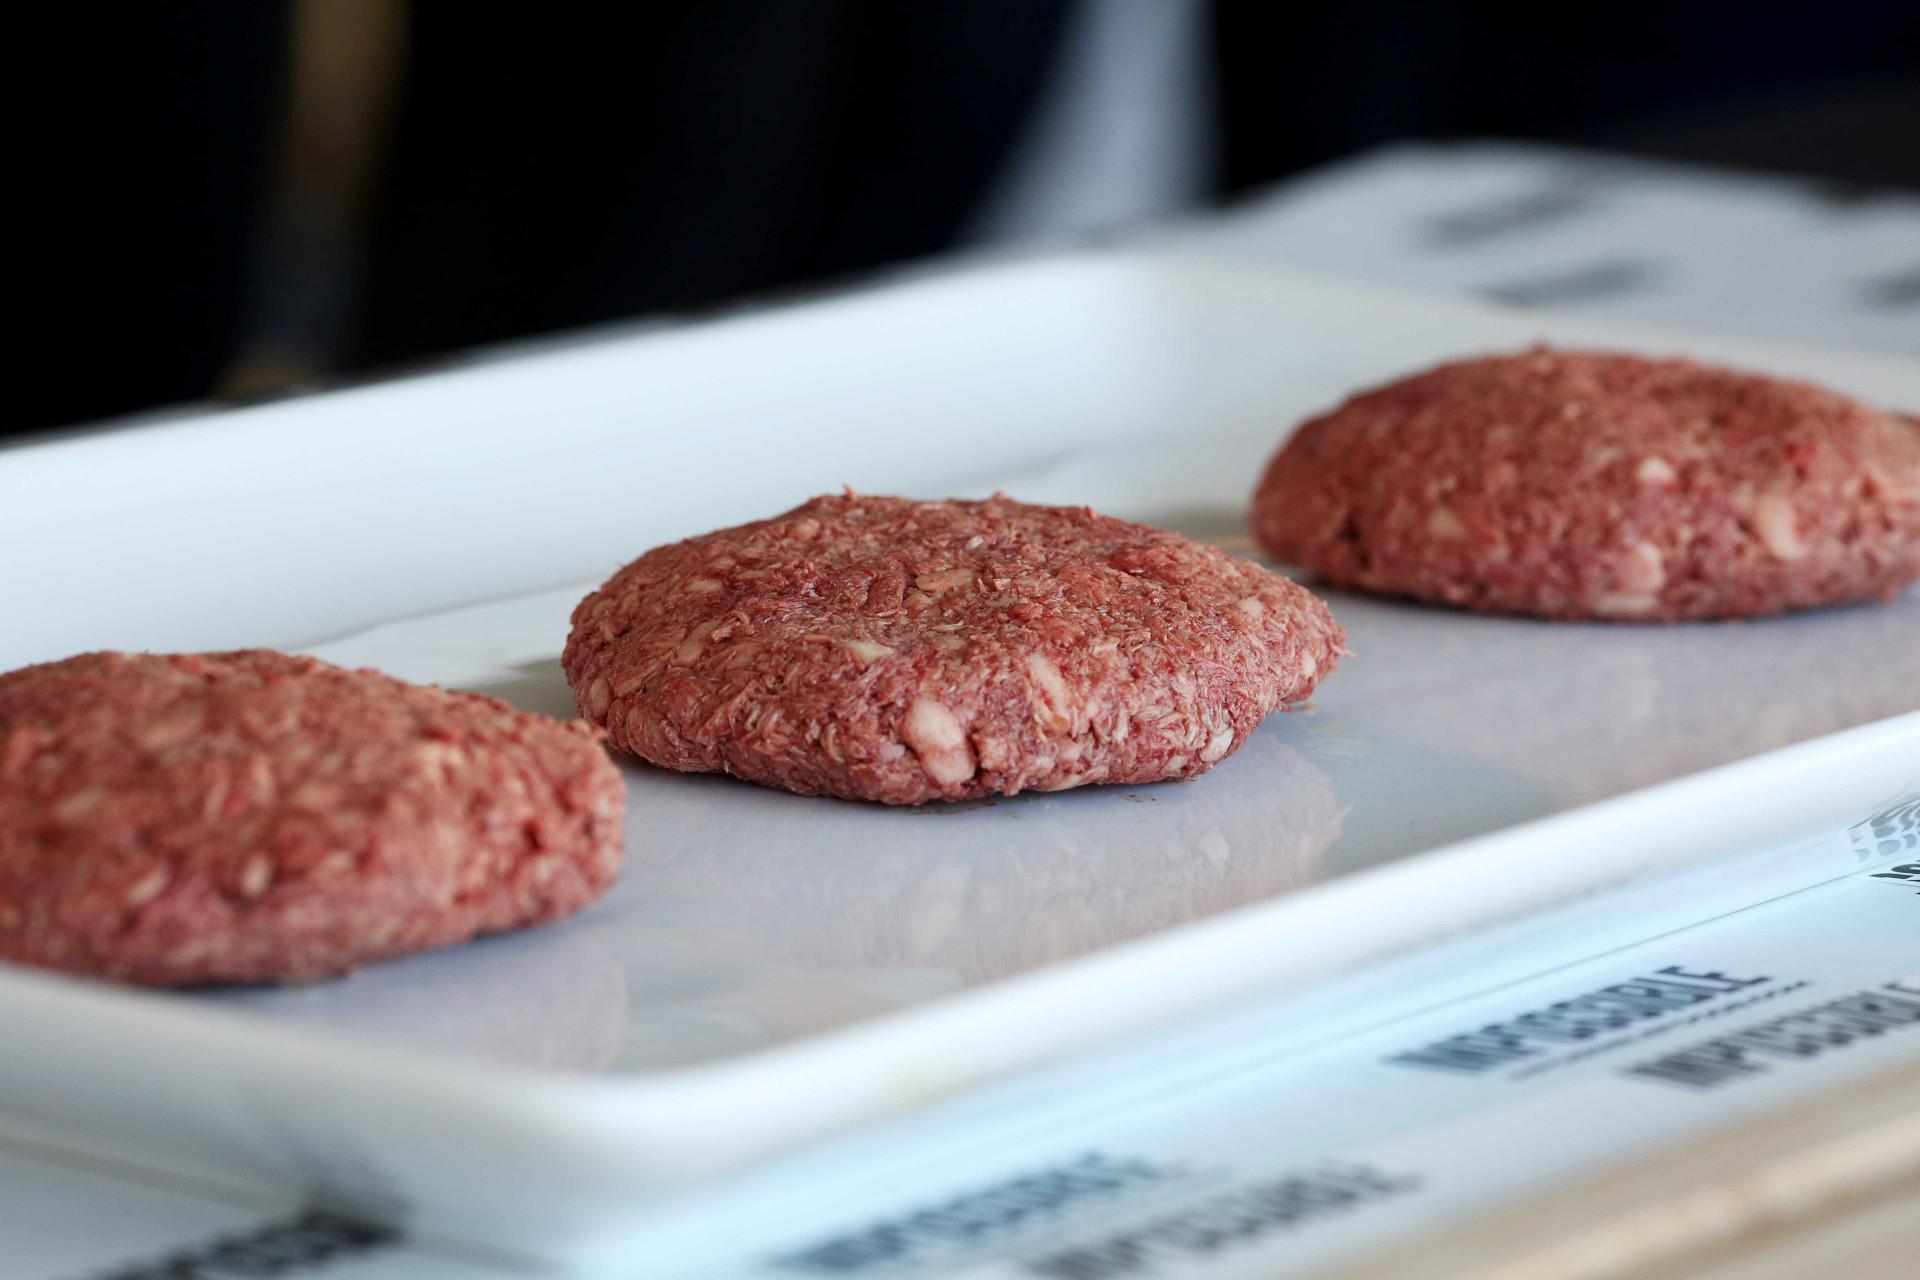 Conheça os hambúrgueres (sem carne)  produzidos em laboratório